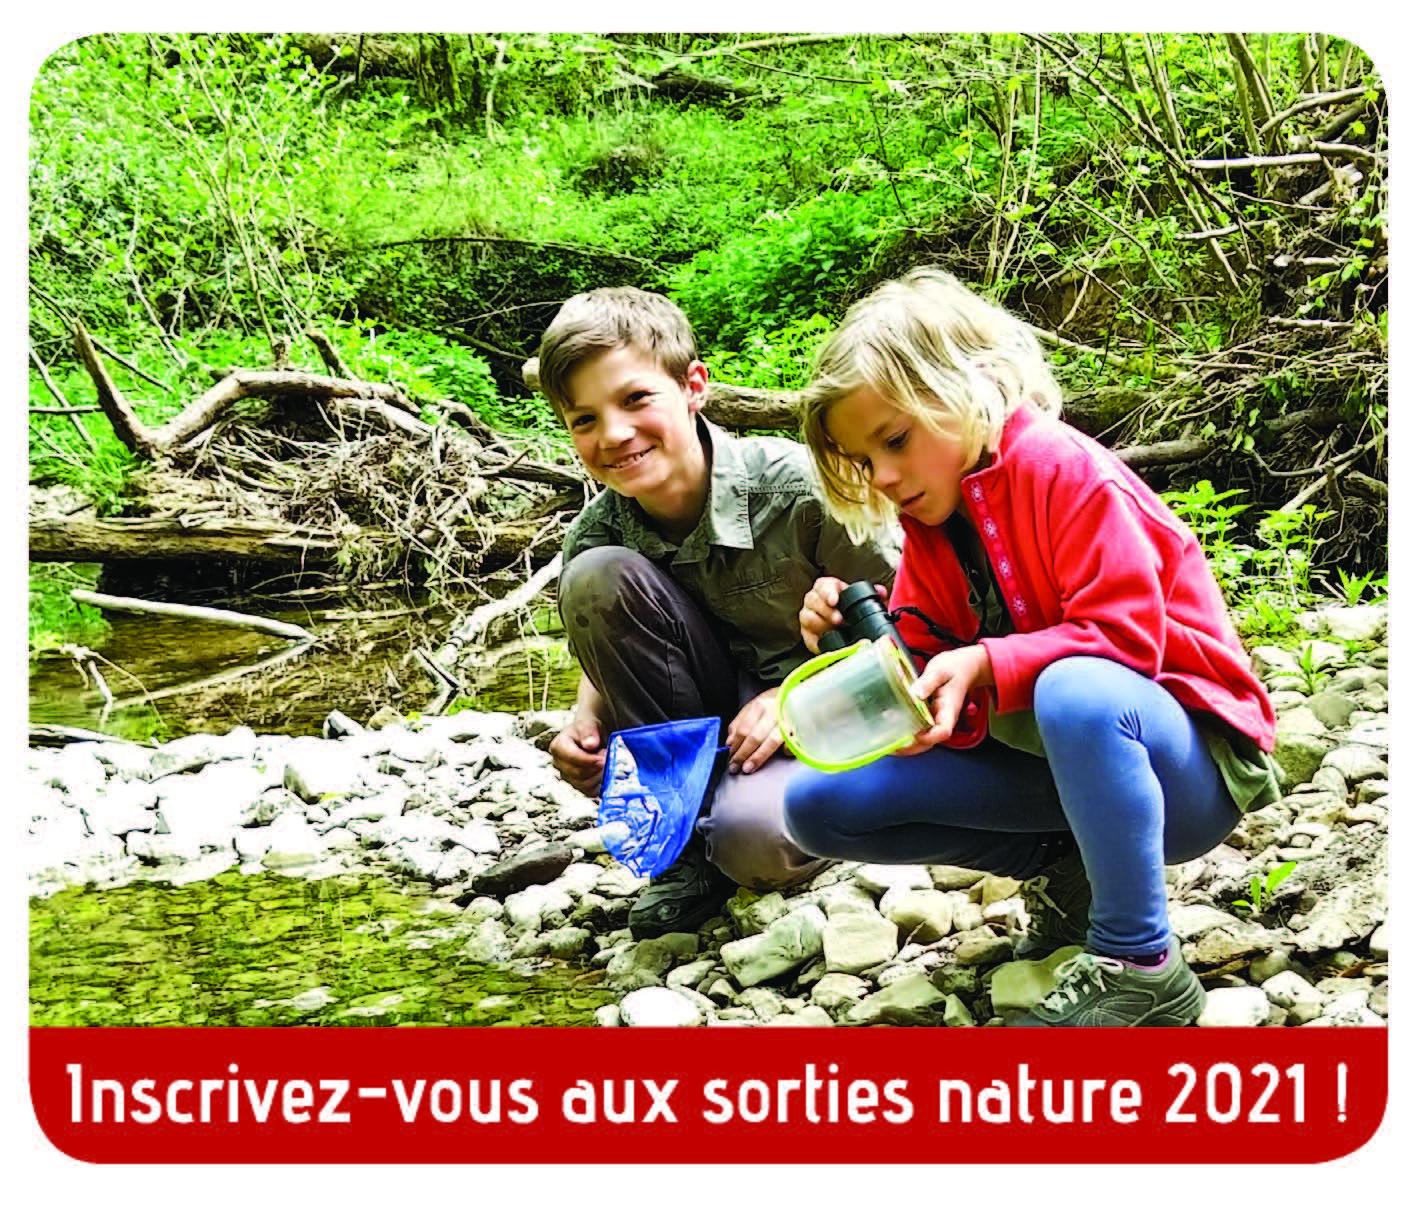 Inscrivez-vous aux sortie nature 2021 - Chrysalide52 - Michael Geber - Haute-Marne